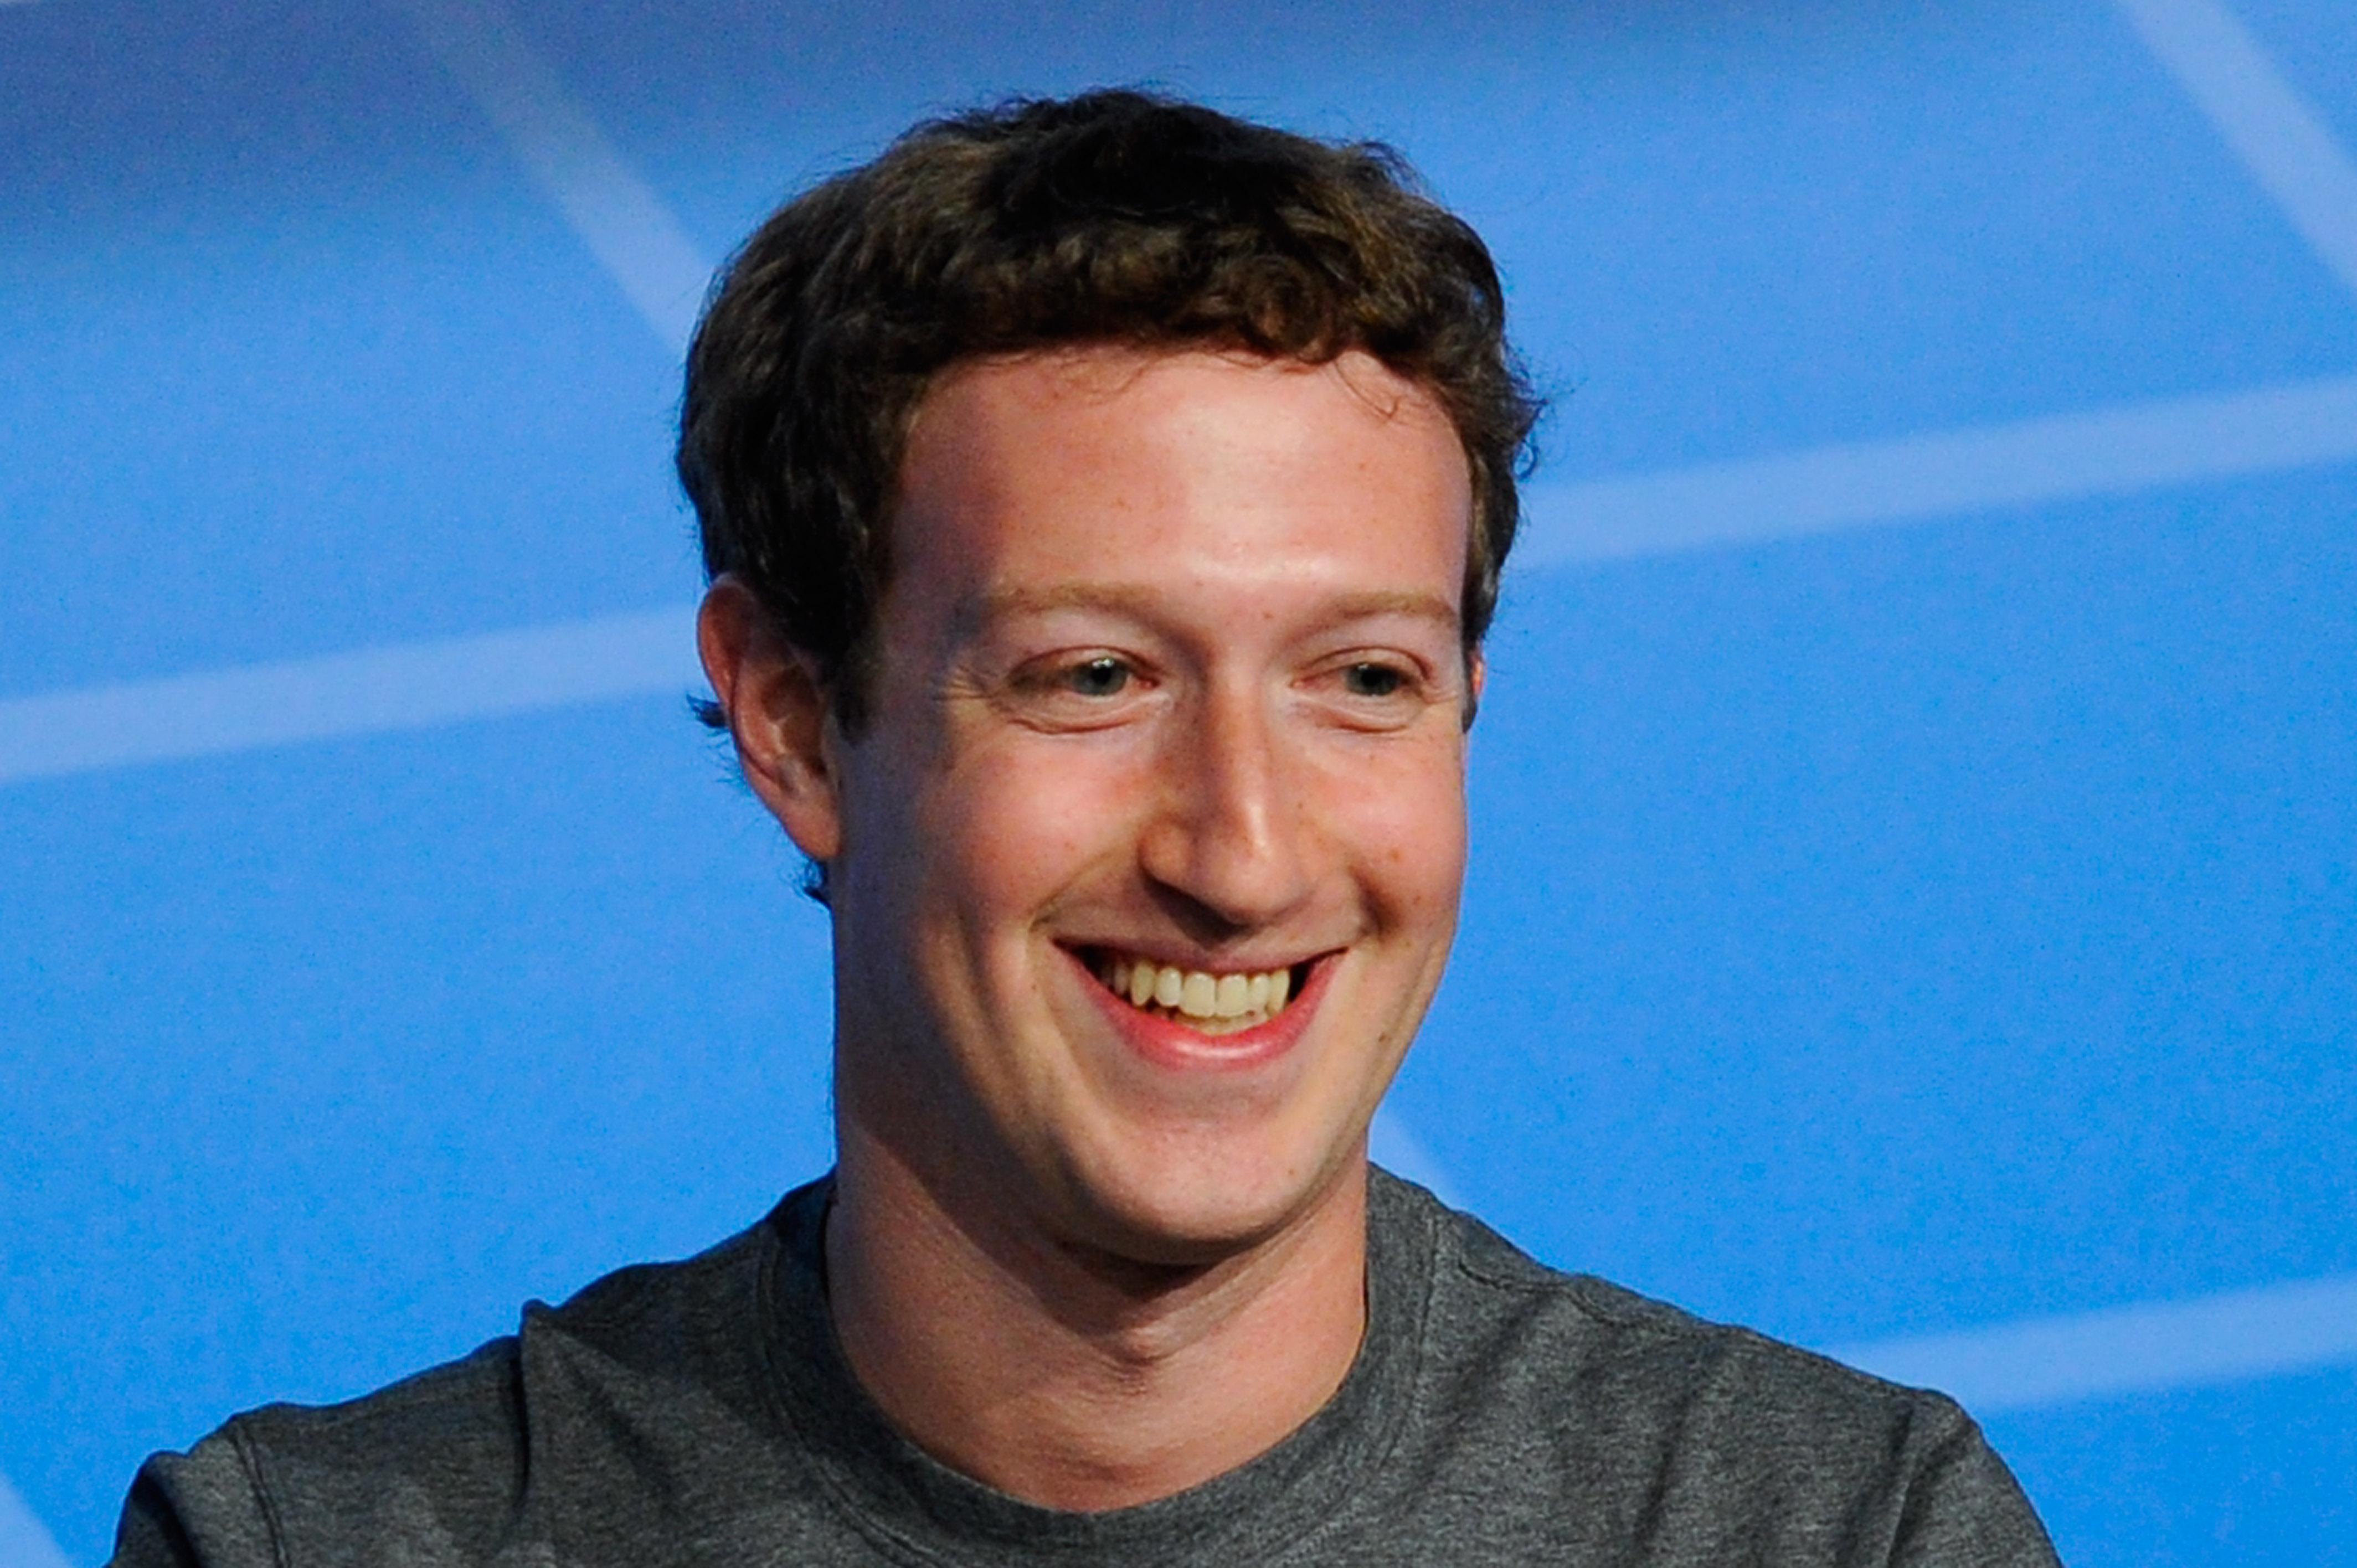 mark-zuckerberg-richest-american